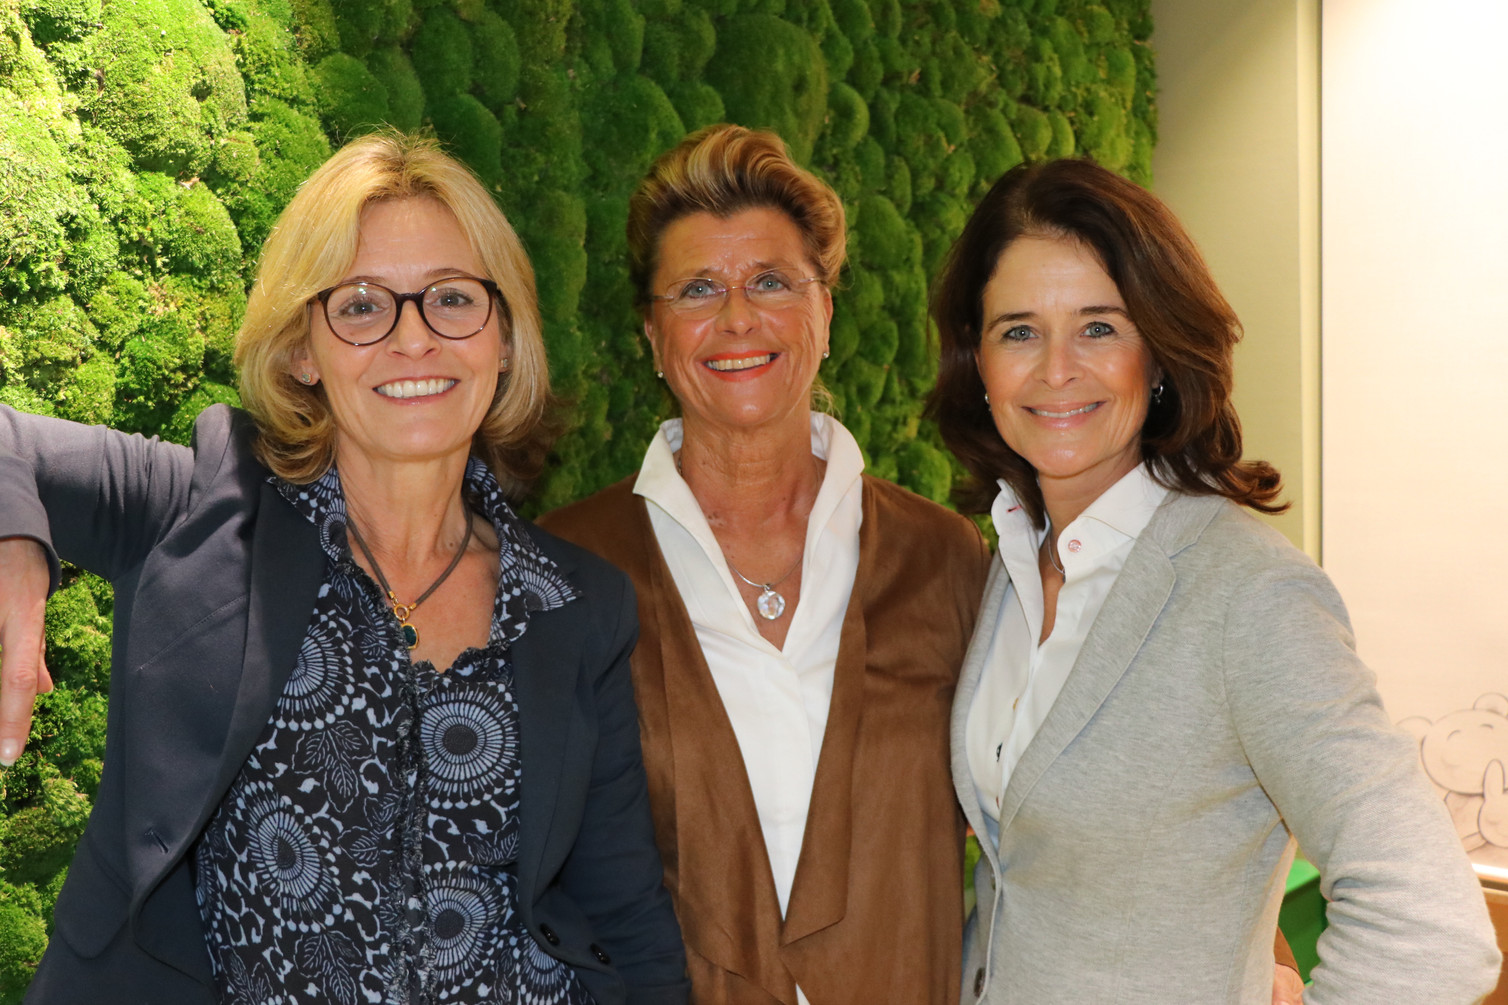 Ines Van Meenen mit Ulrike Schulschenk und Katharina Schroeder